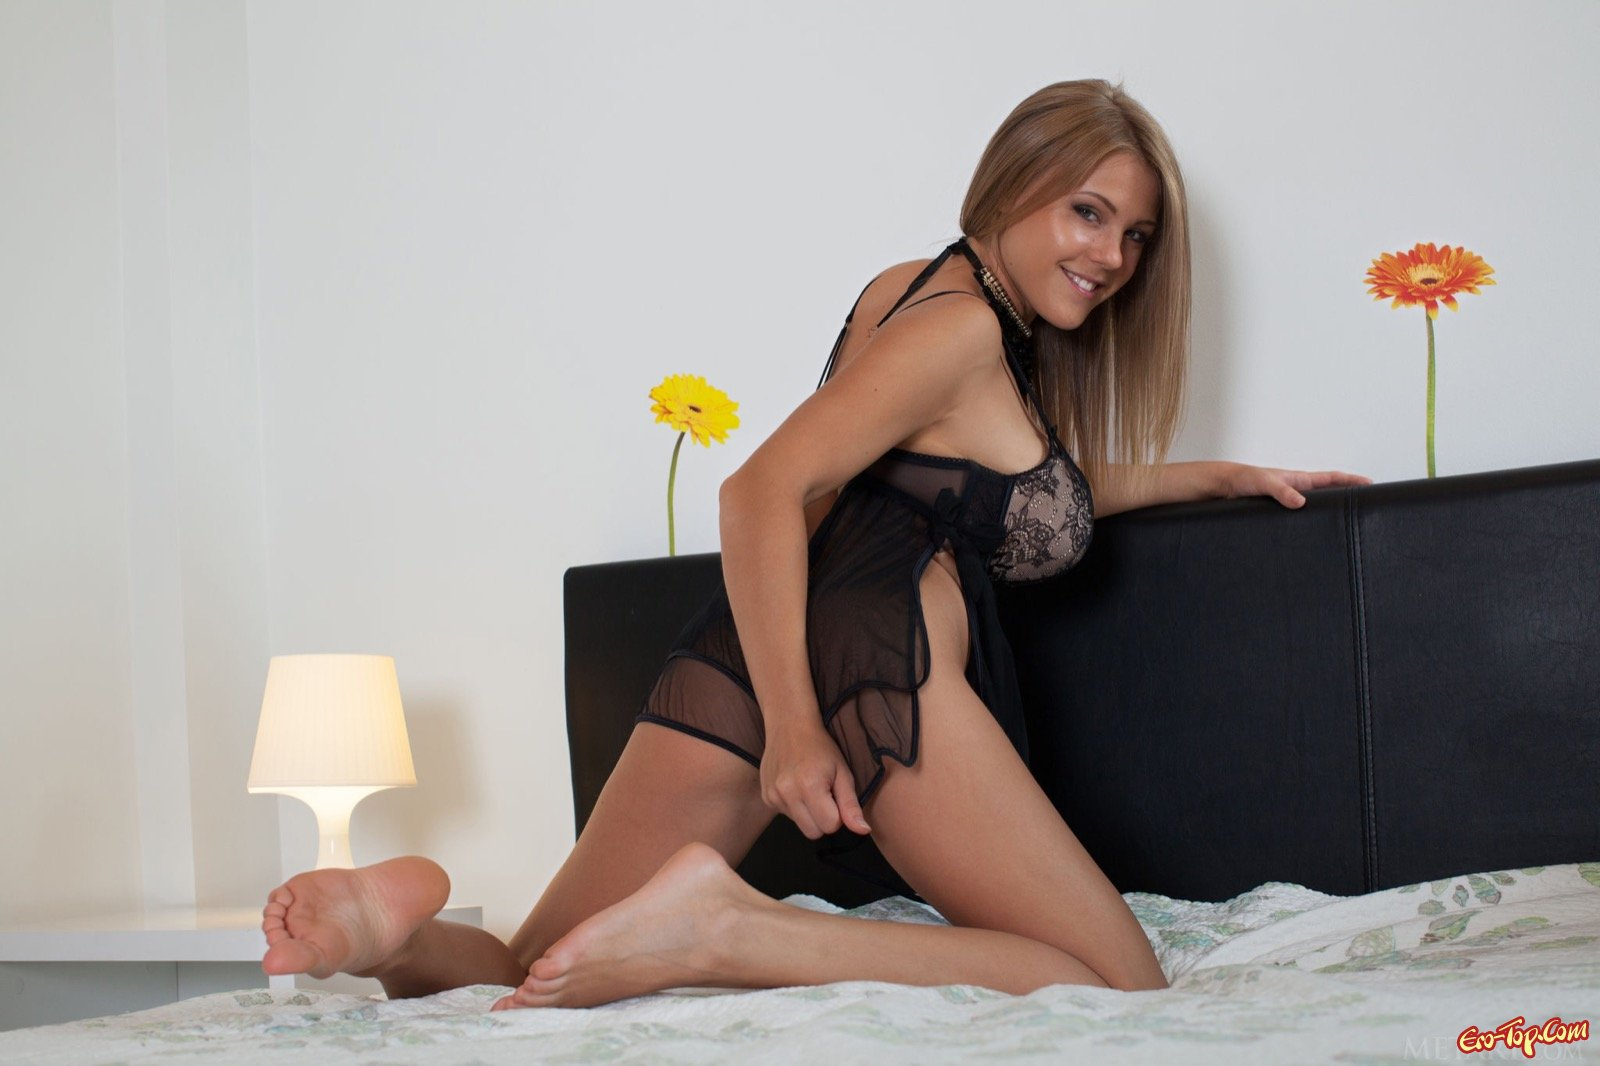 Шикарная девка сняла пеньюар показав большую грудь